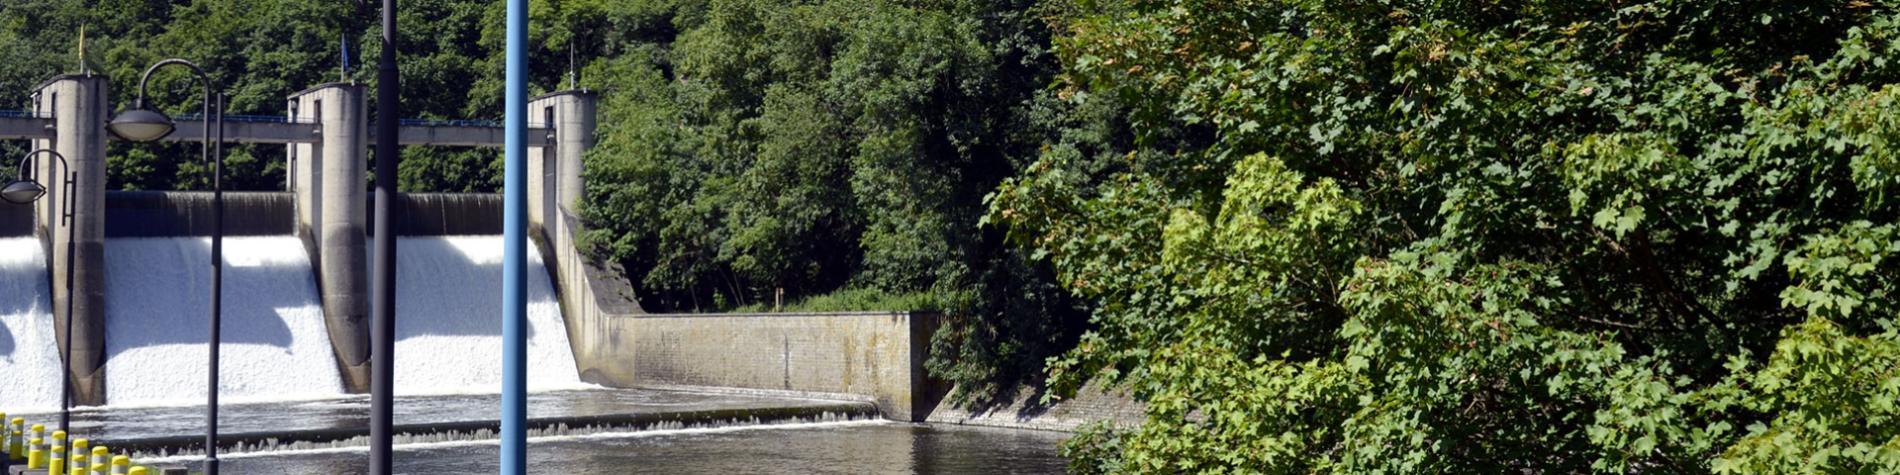 Lac - barrage - Nisramont - La Roche-en-Ardenne - province du luxembourg